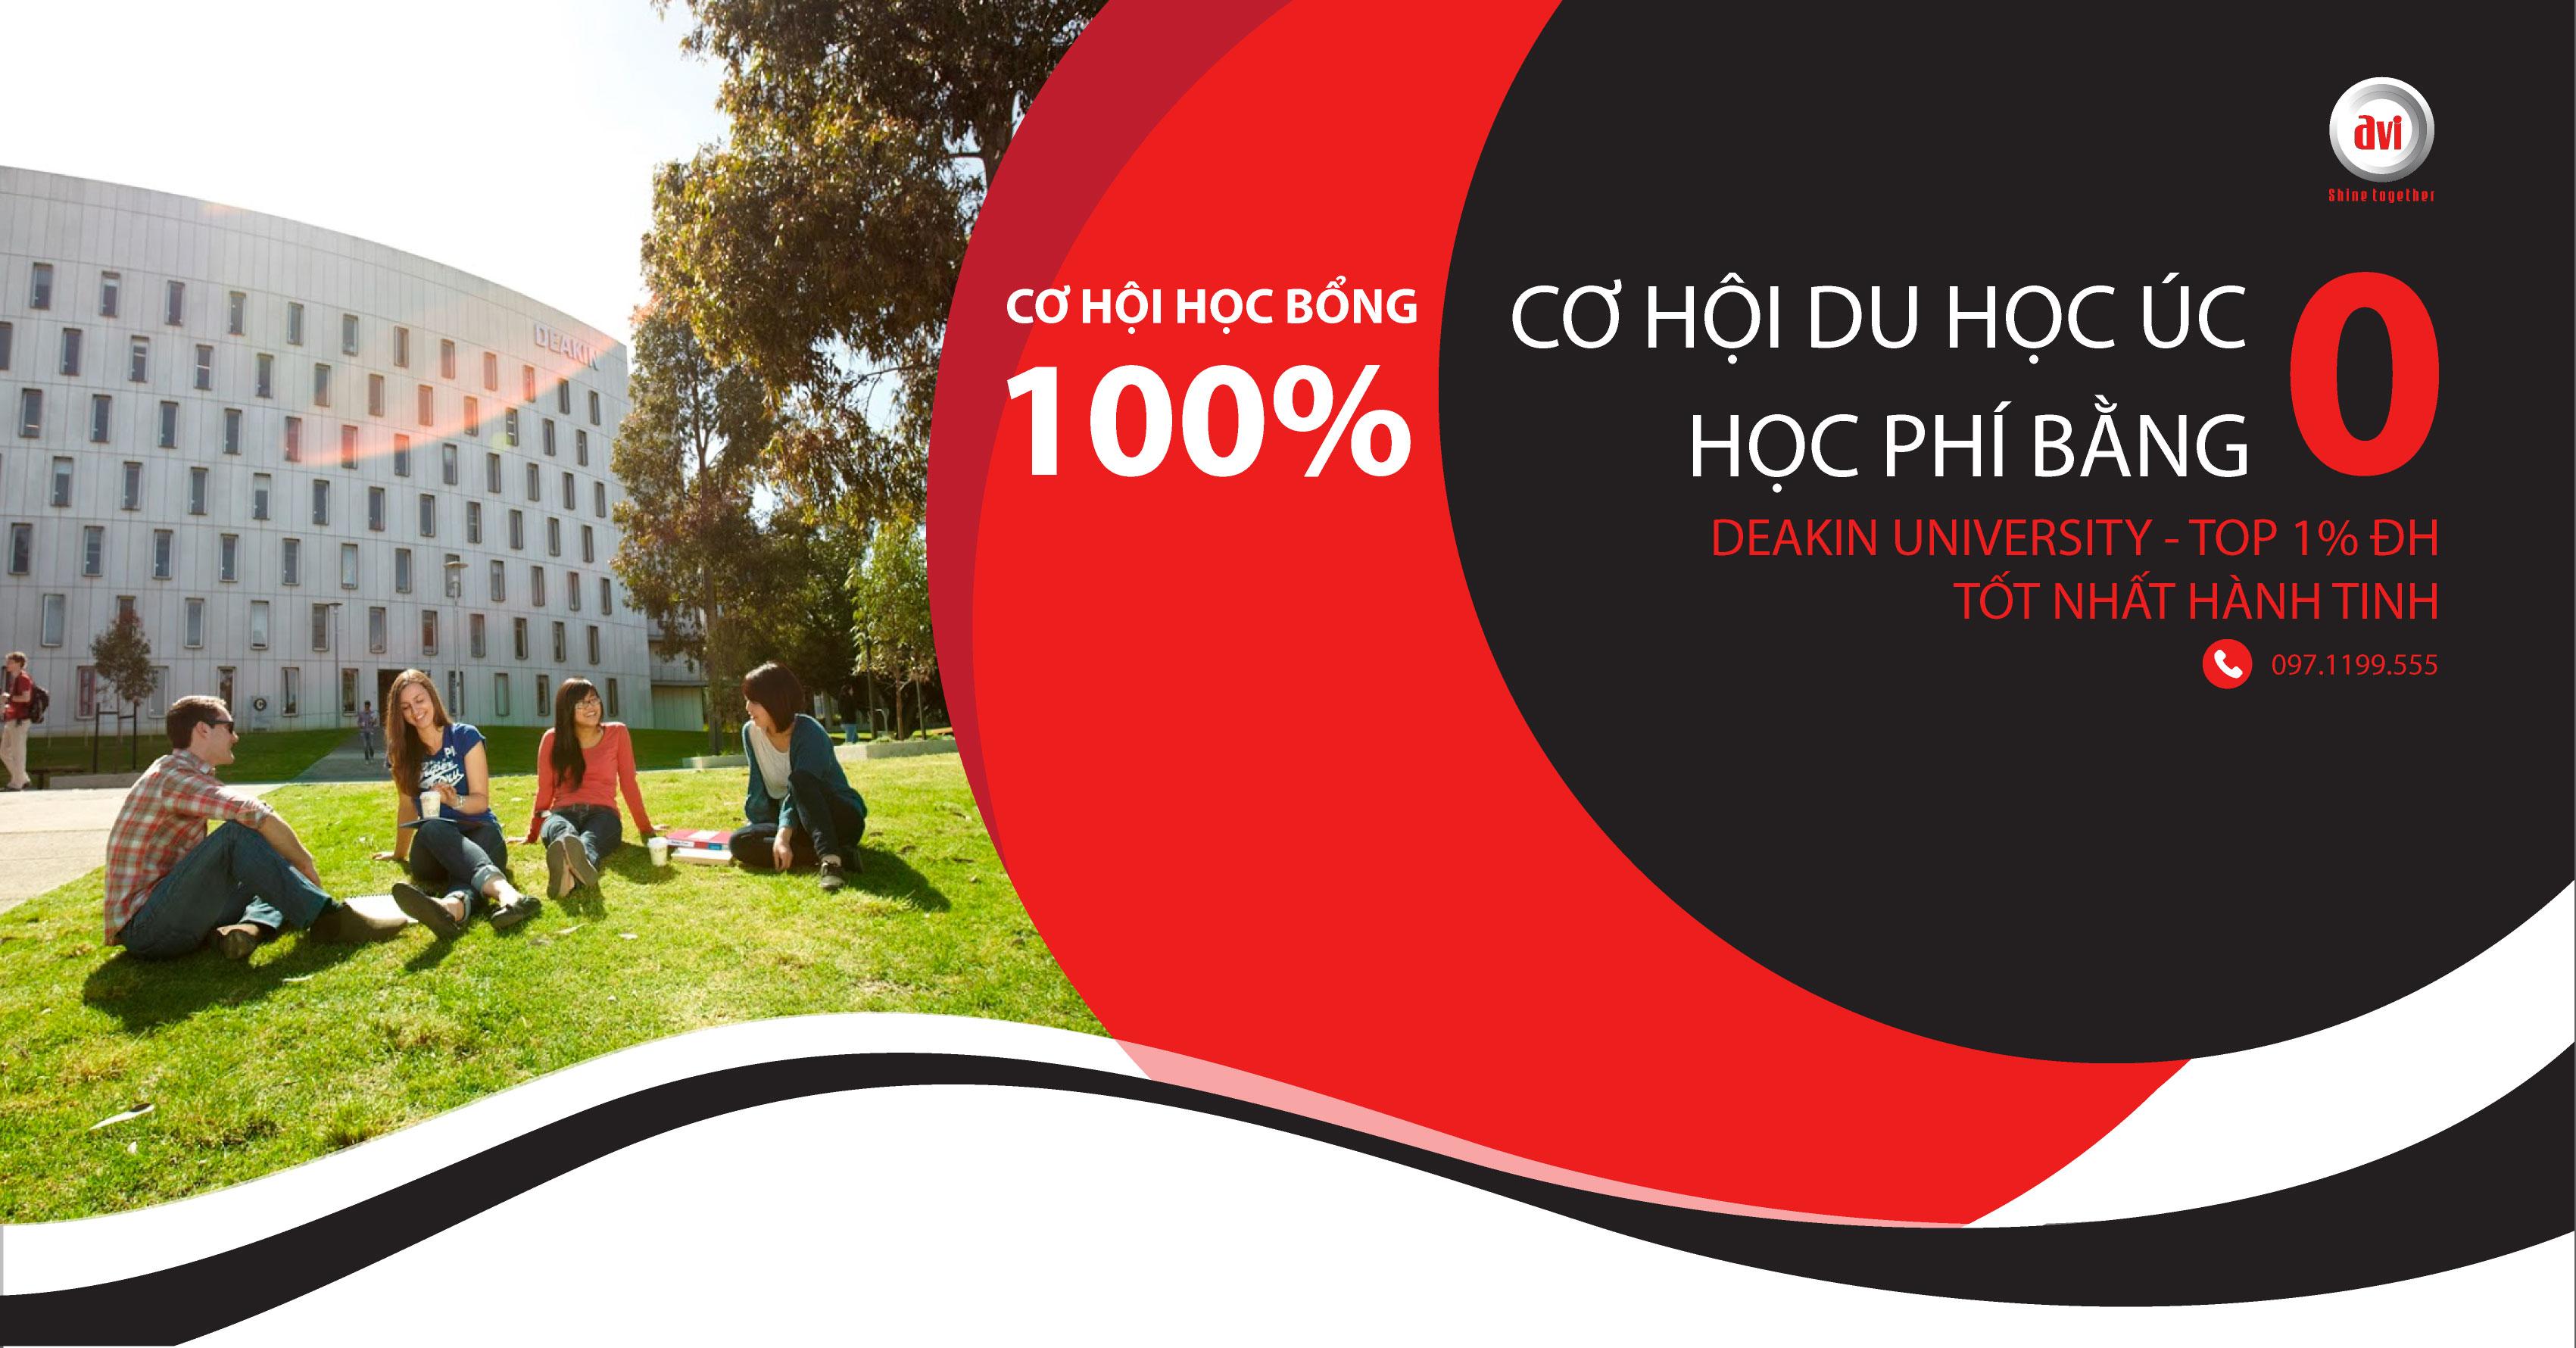 du-hoc-uc-100-%